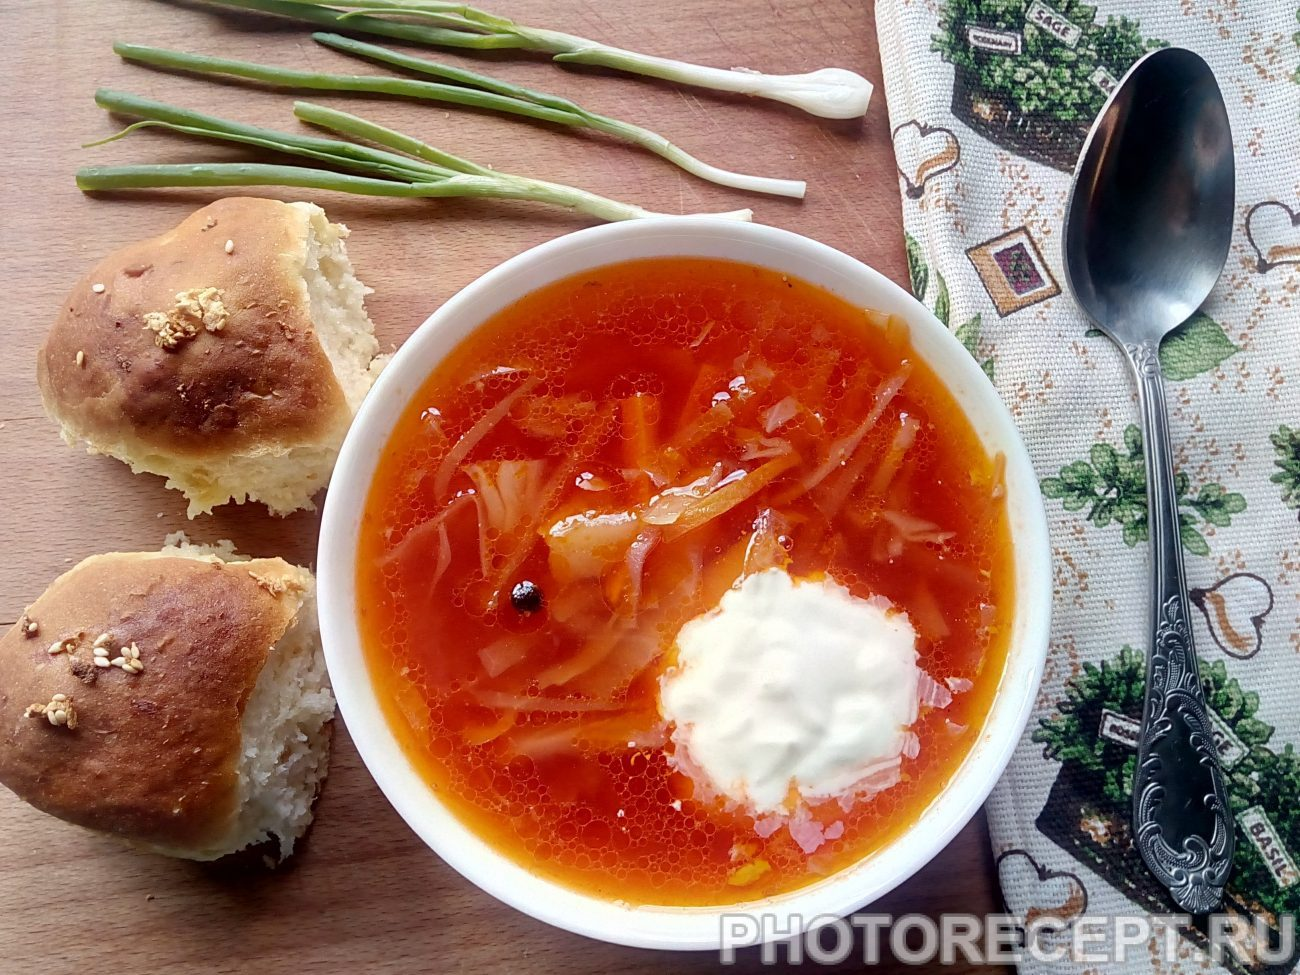 Украинский борщ из свежей капусты пошаговый рецепт